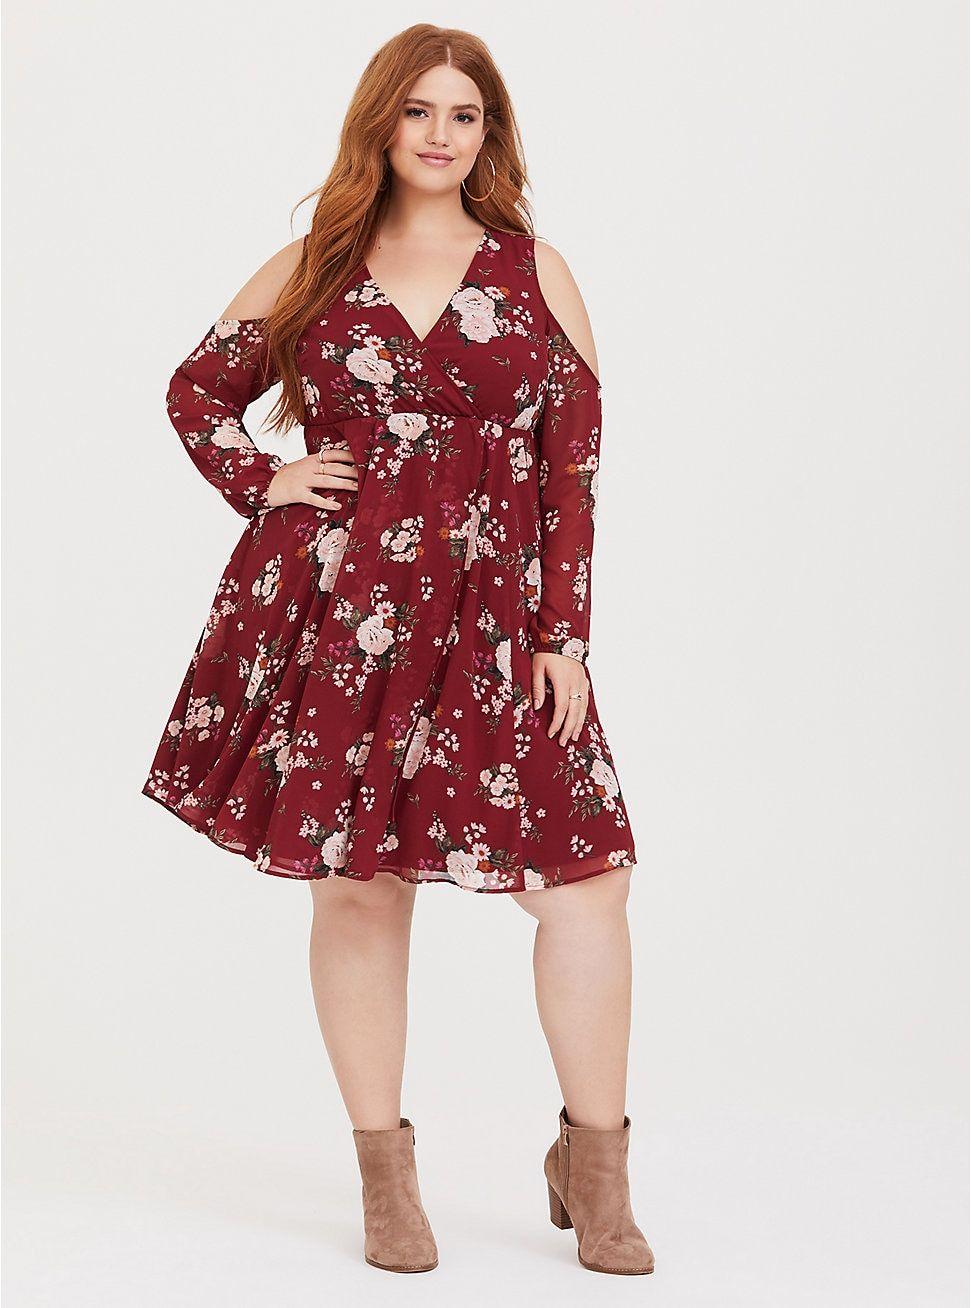 Red Floral Cold Shoulder Chiffon Wrap Dress Plus Size Wedding Guest Dresses Chiffon Wrap Chiffon Wrap Dress [ 1308 x 971 Pixel ]